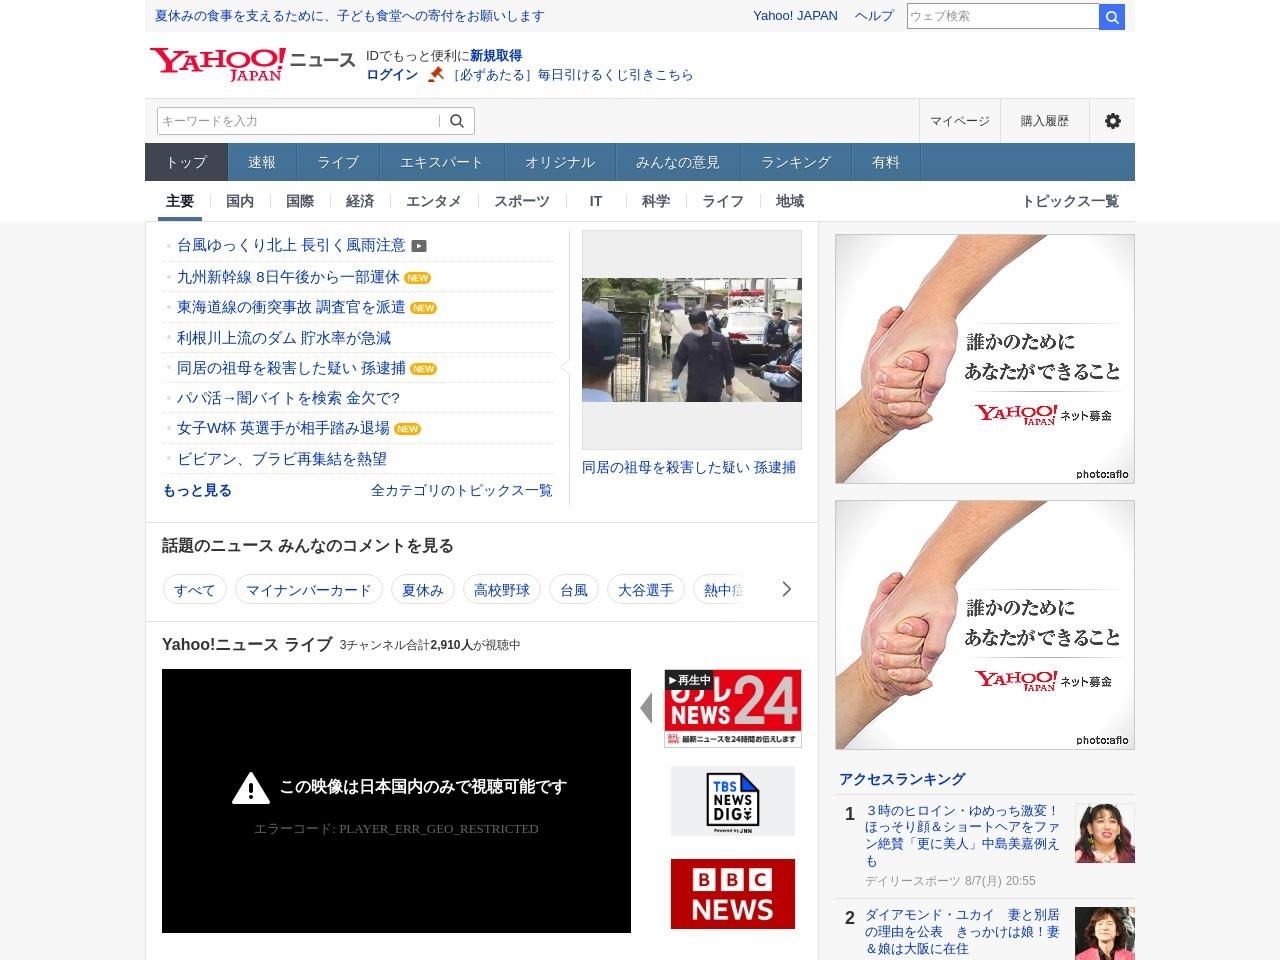 https://headlines.yahoo.co.jp/article?a=20181104-00009566-bunshun-ent